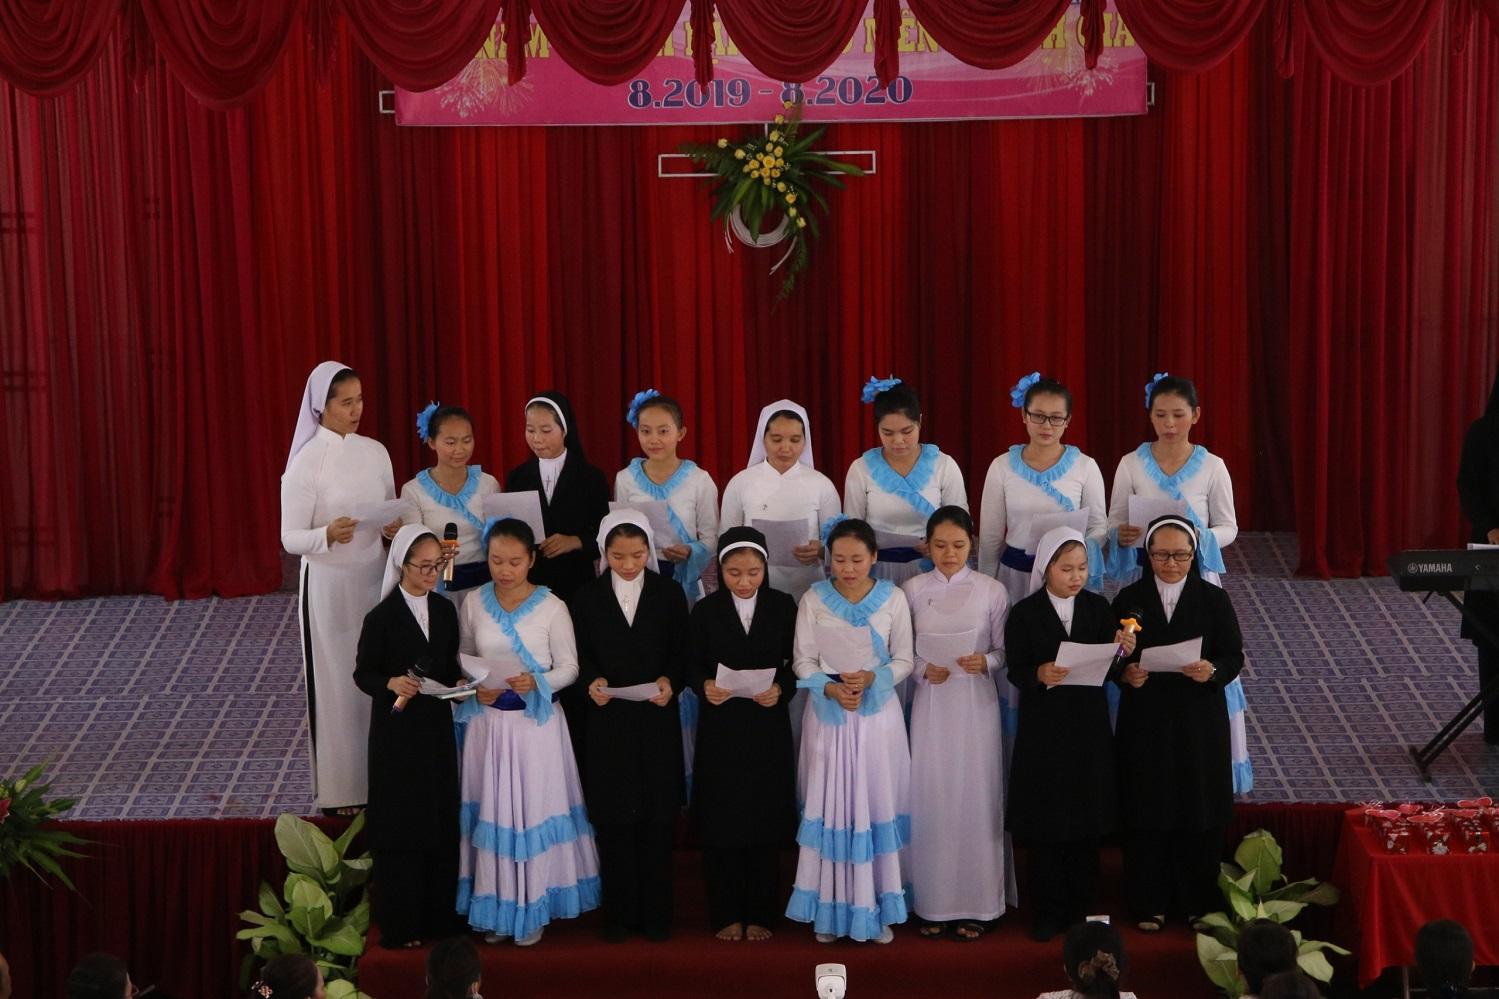 Dòng Mến Thánh Giá Cái Nhum : Họp mặt Ái Hữu